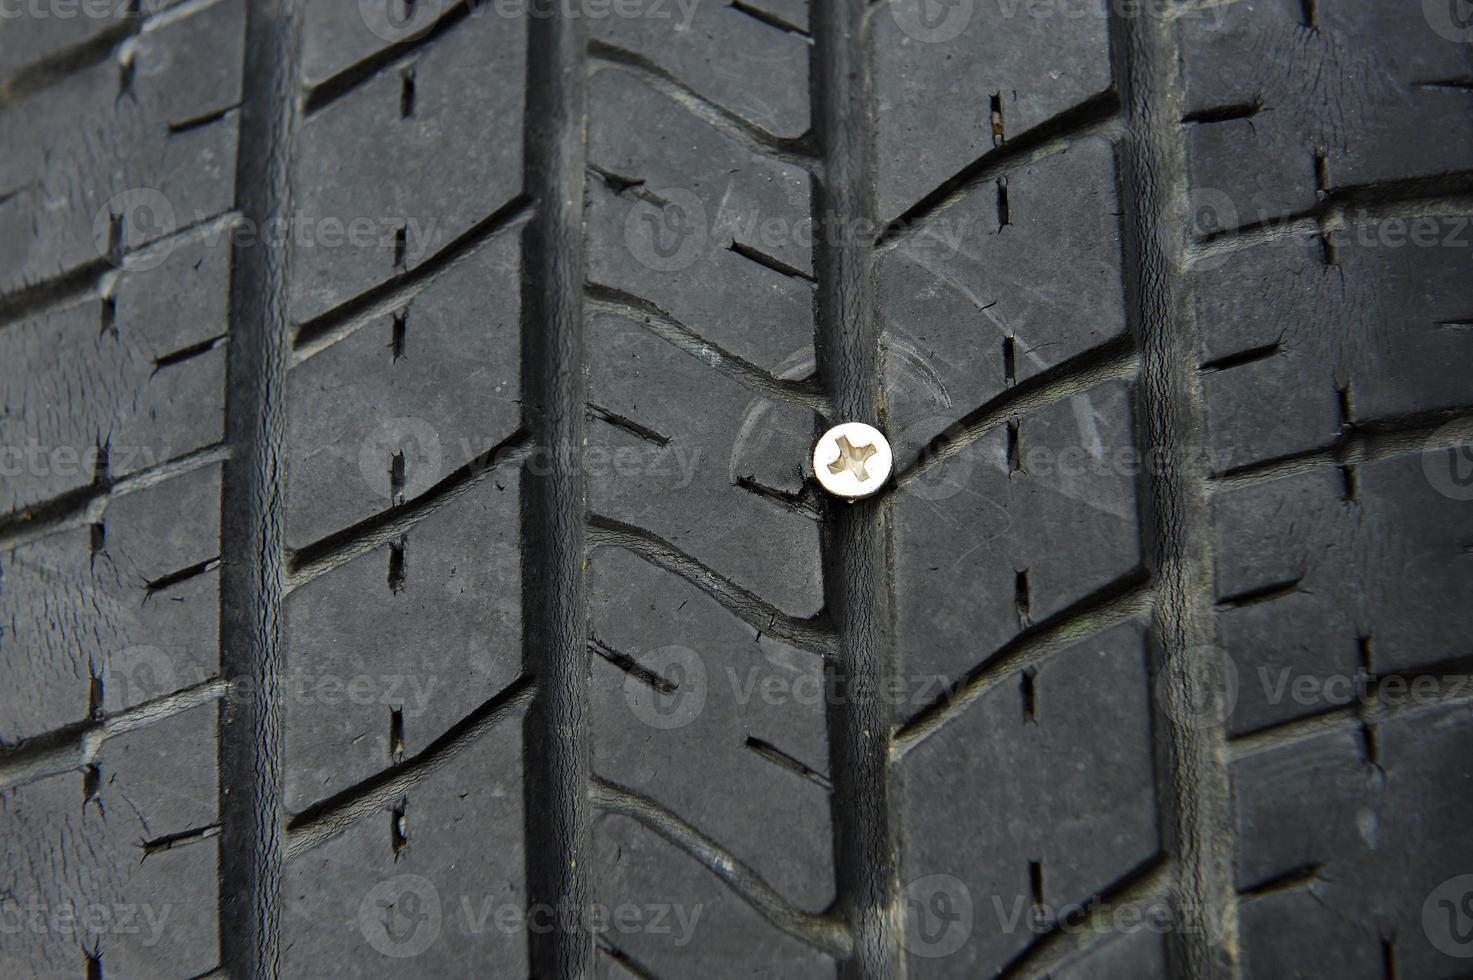 avvitare il pneumatico. foto